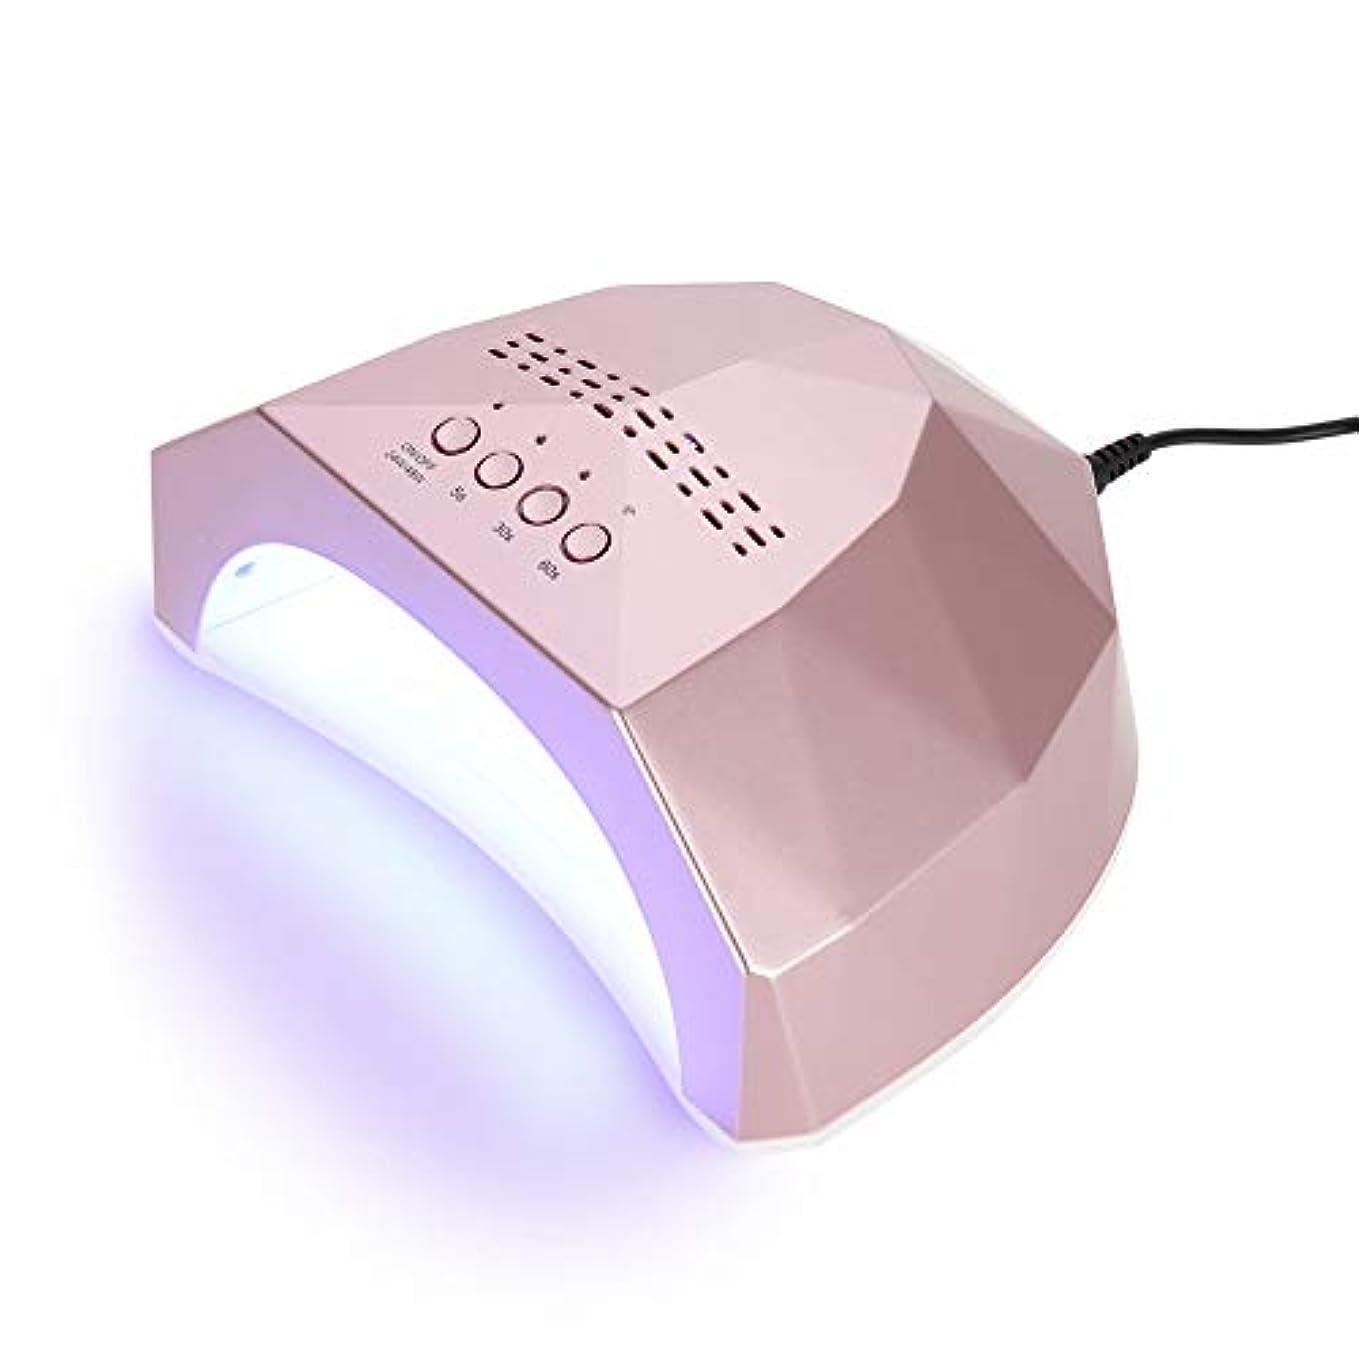 太鼓腹ブレース発表48W ネイルアートLEDランプ ネイルドライヤー LED釘ランプのドライヤーラン 硬化マニキュア (Rose Gold)